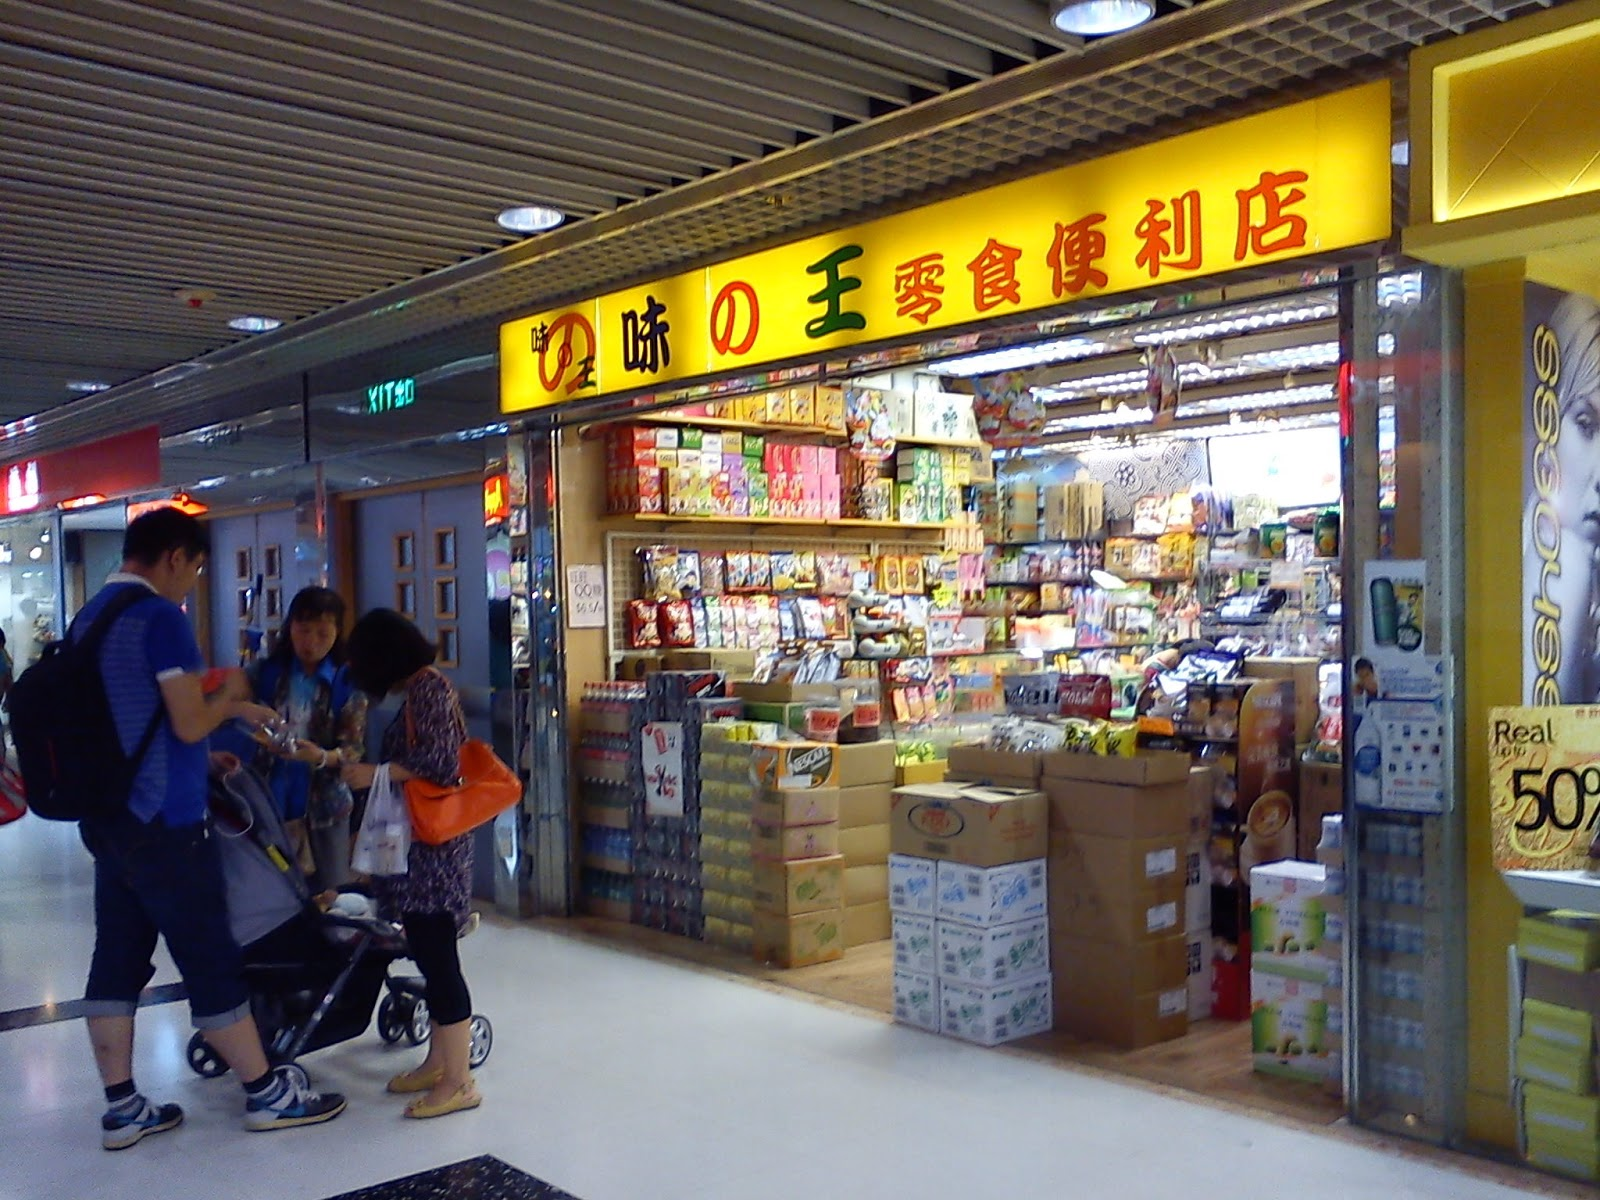 Grassroots O2: 巡視業務.領匯.天澤商場 @2013-08-24